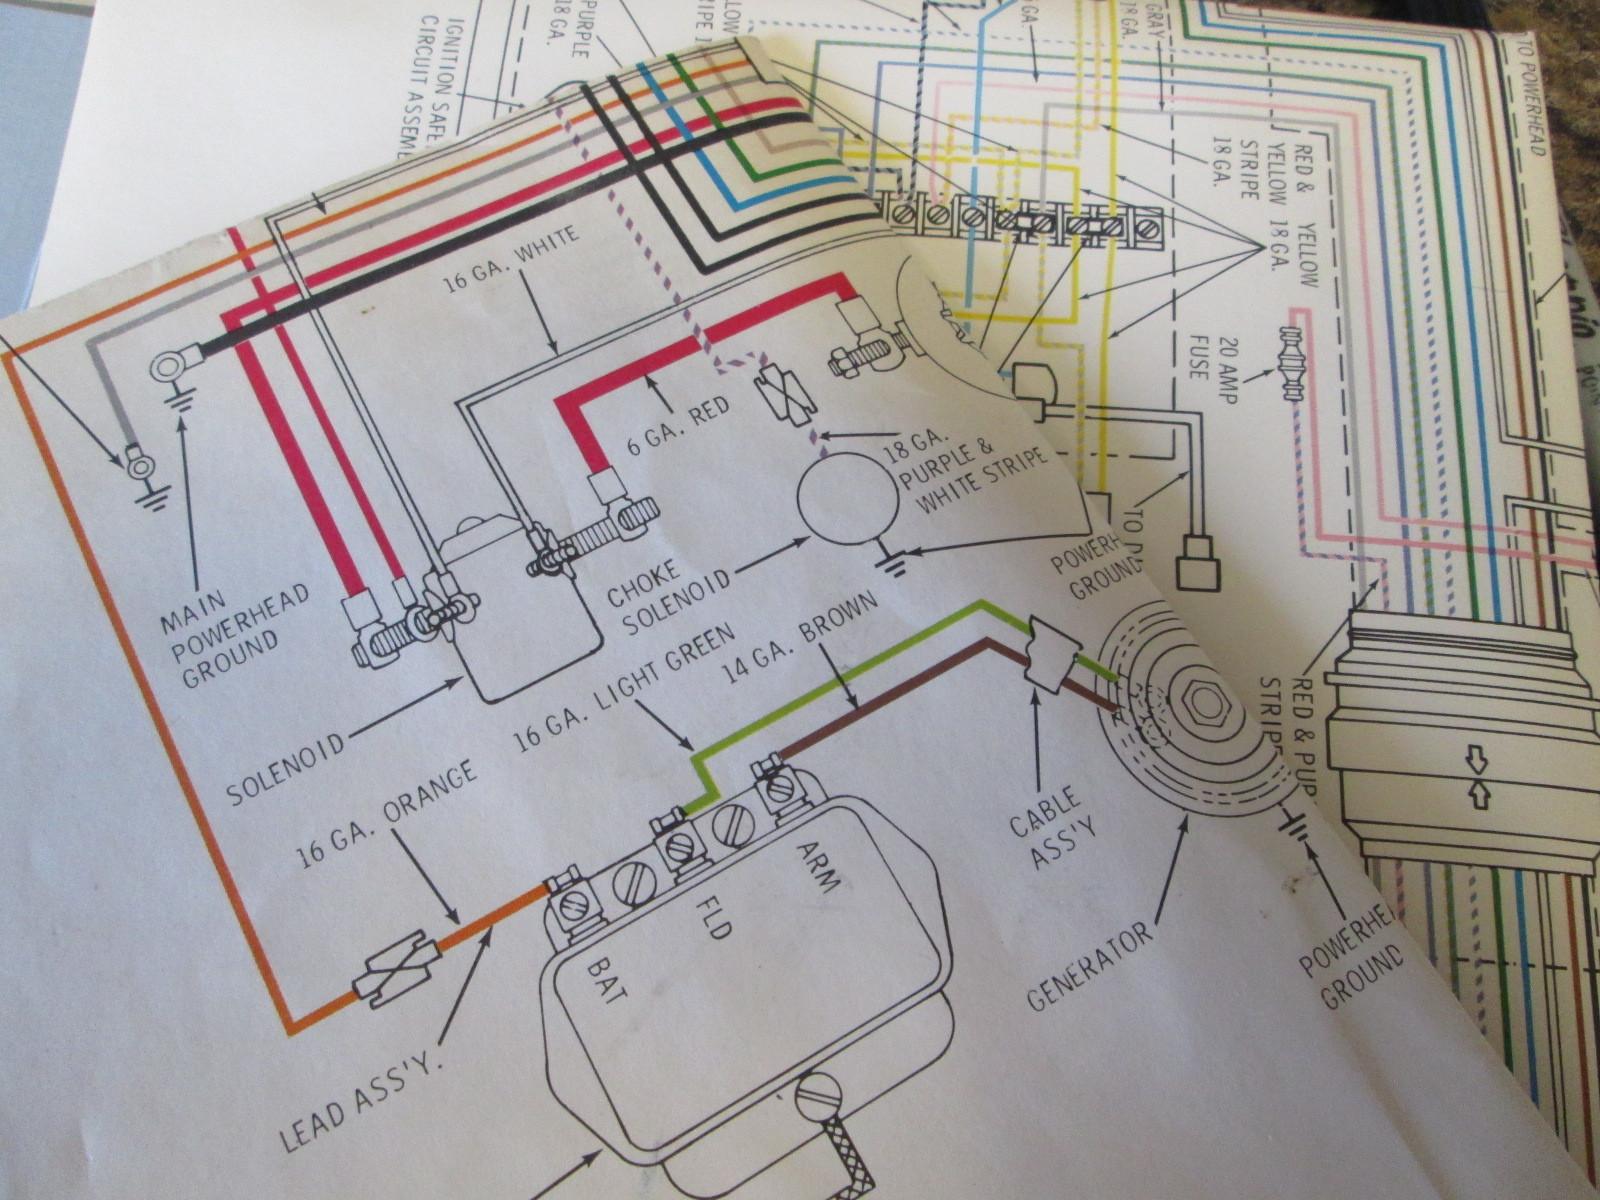 [GJFJ_338]  VM_1433] Evinrude Ignition Wiring Diagram Download Diagram   115 Hp Evinrude Wiring Diagram Free Download      Exmet Ospor Joami Hyedi Mohammedshrine Librar Wiring 101